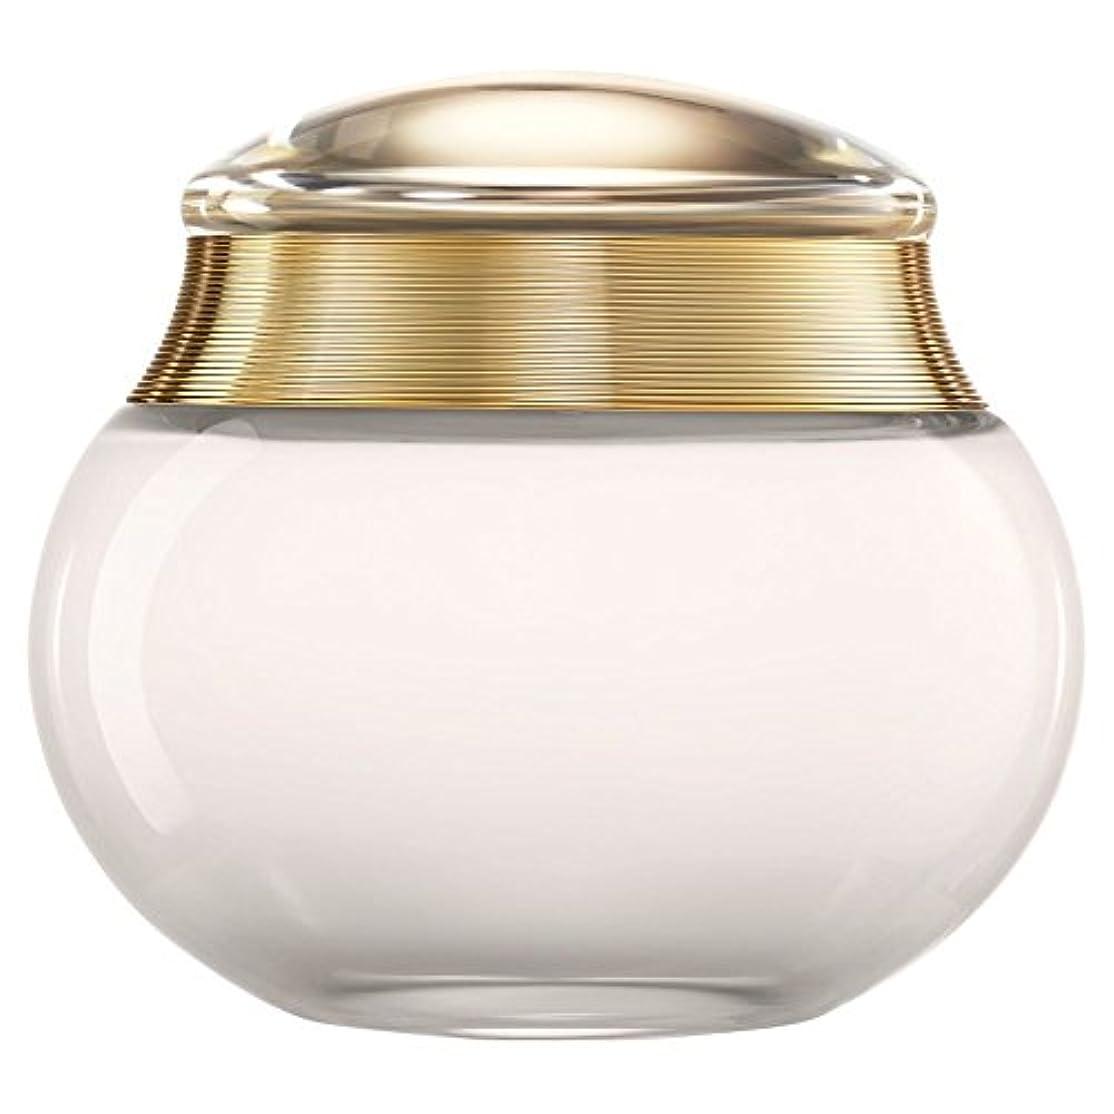 マインドフルジム刺激する[Dior] ディオールジャドールボディクリーム200ミリリットル - Dior J'Adore Body Cream 200ml [並行輸入品]